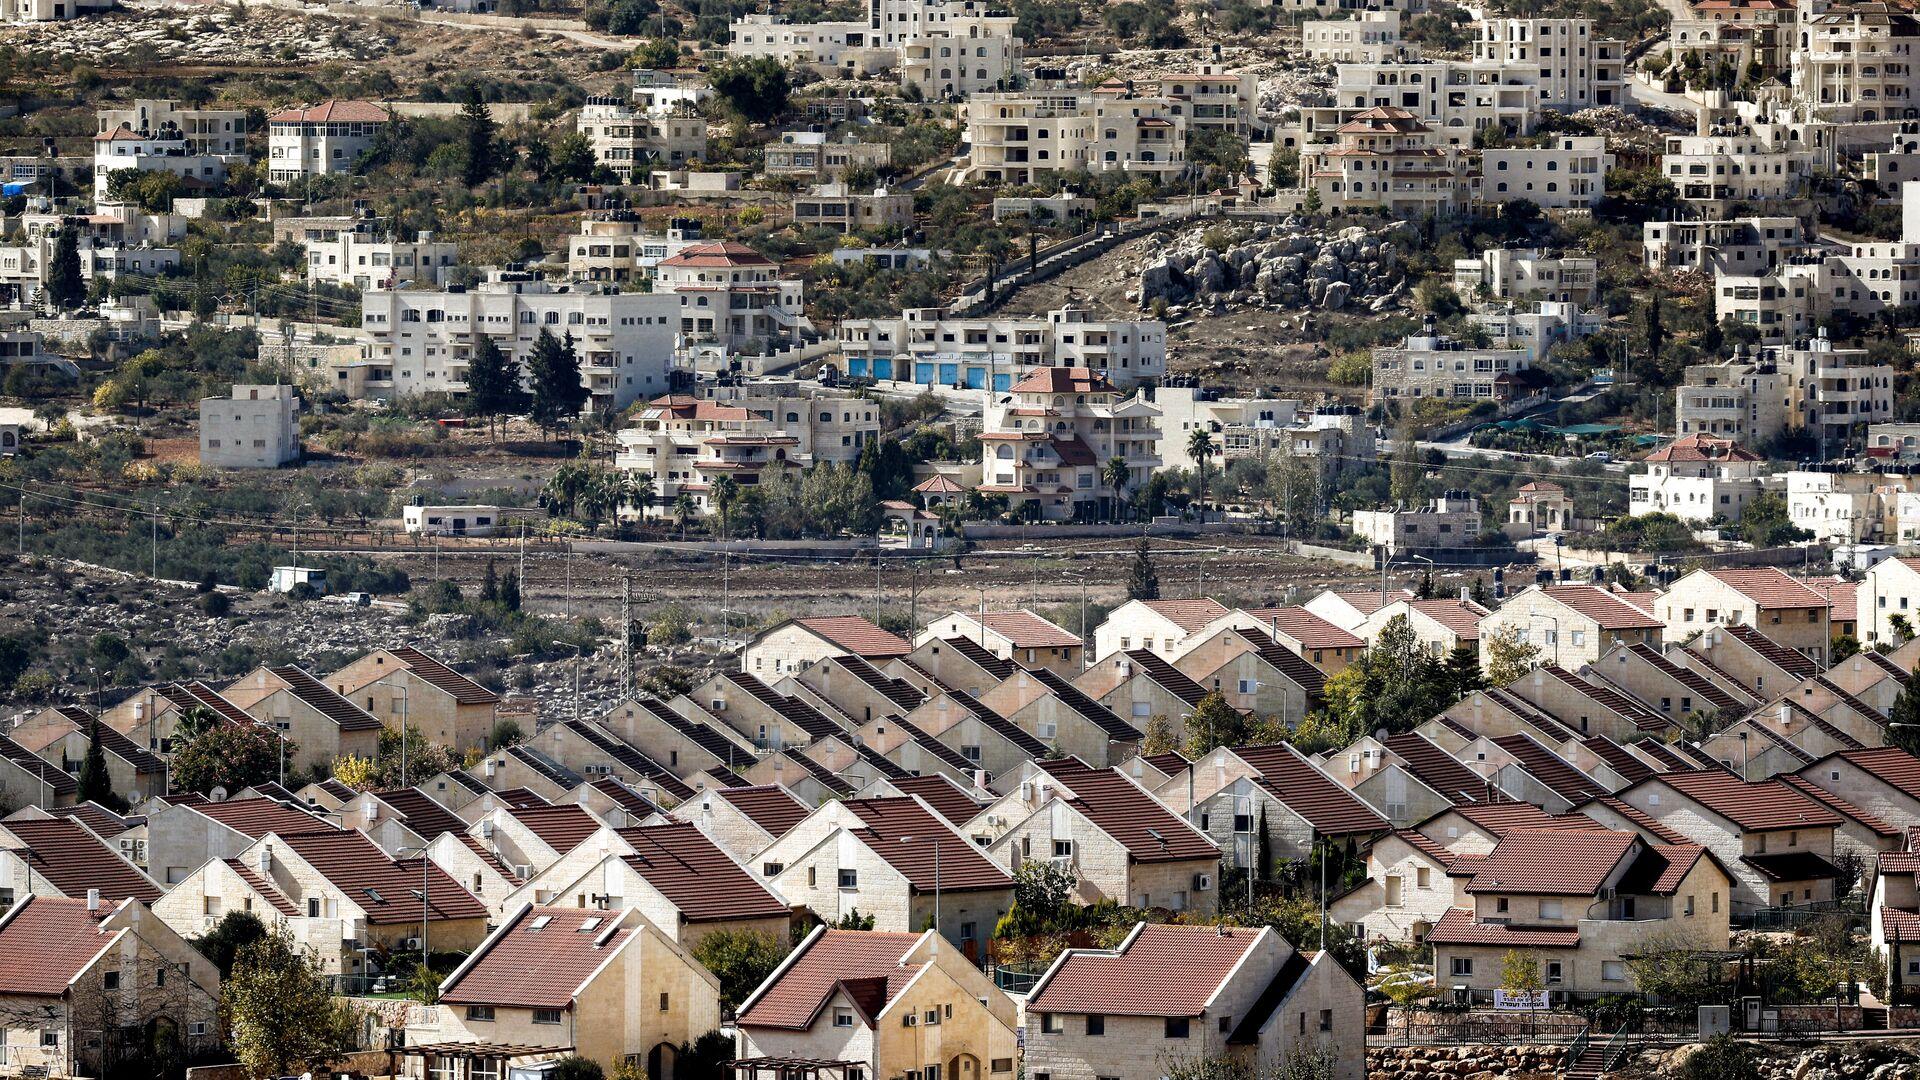 Une colonie israélienne en Cisjordanie (image d'ullustration) - Sputnik France, 1920, 19.09.2021